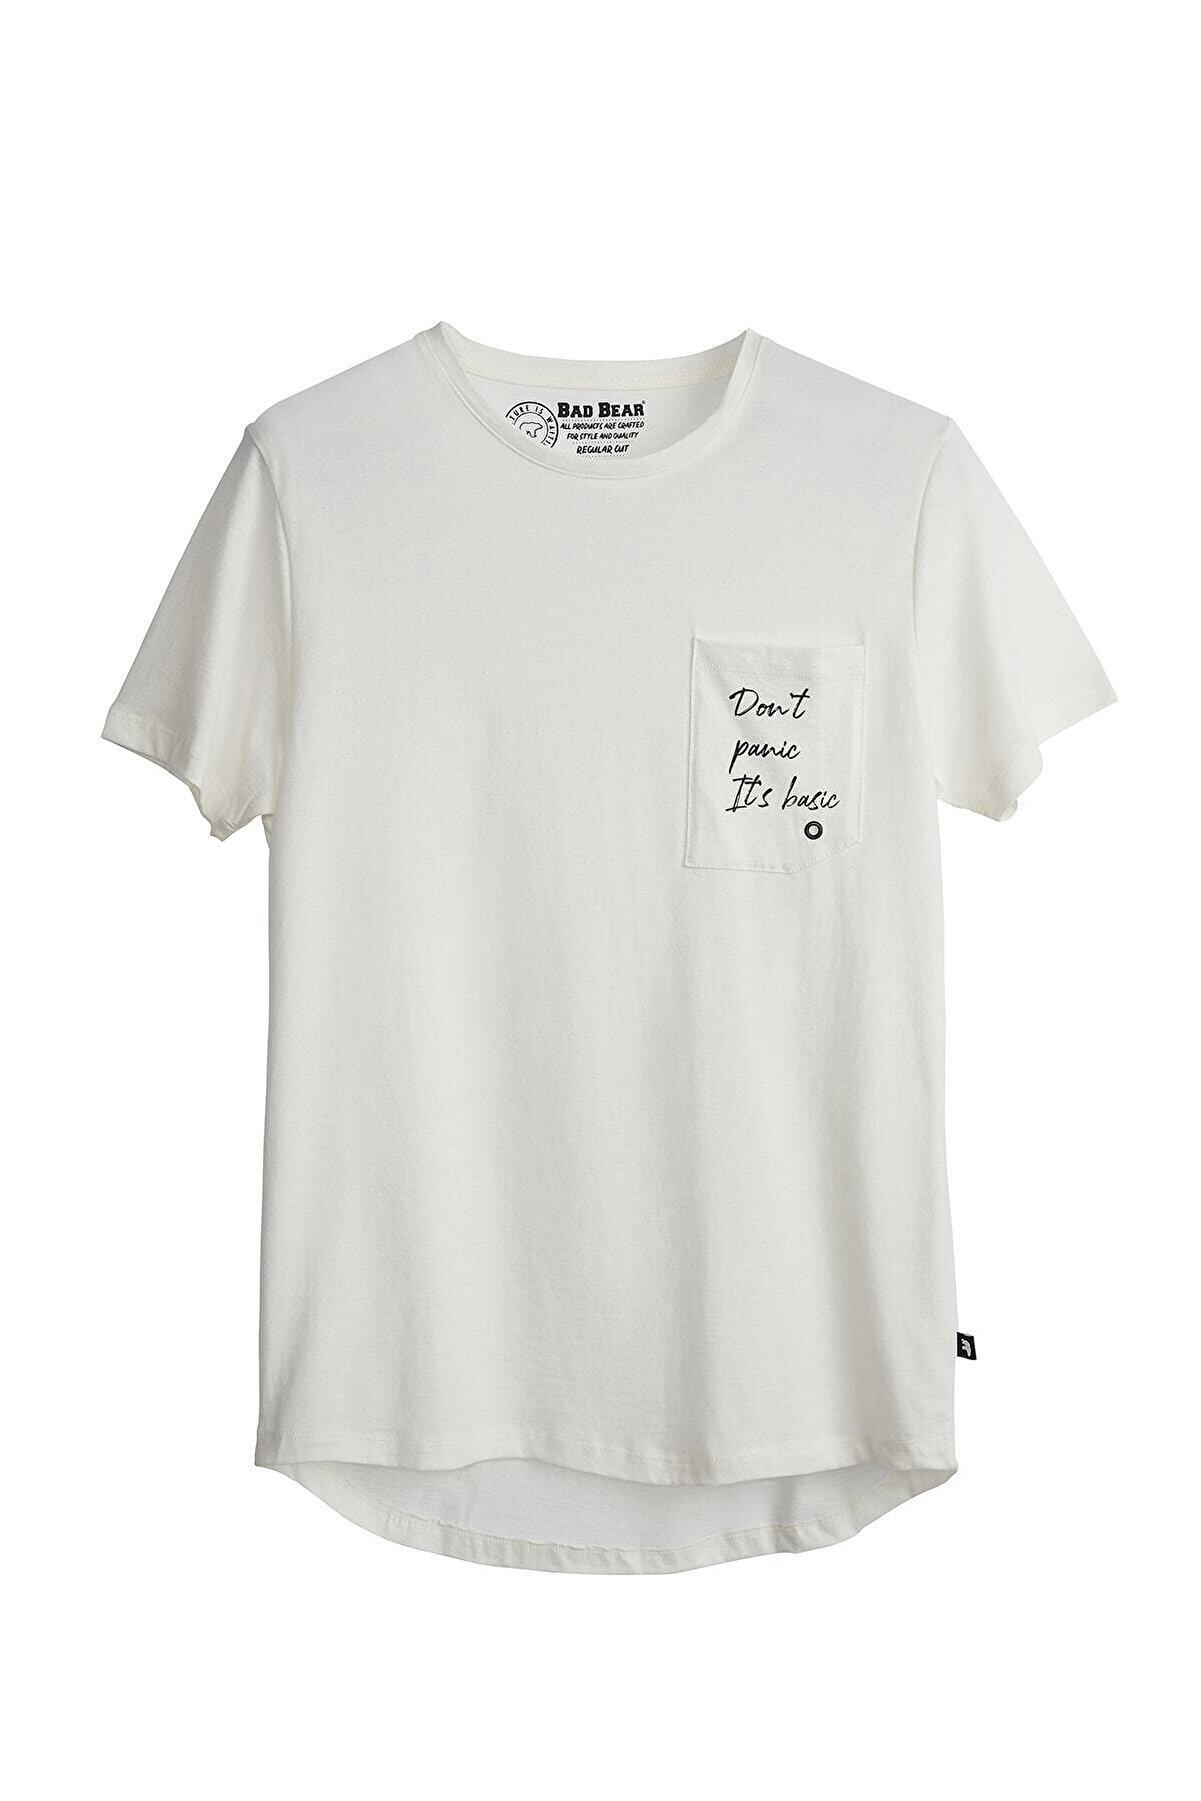 Bad Bear Erkek Kırık Beyaz Tişört Panıc Basıc Tee